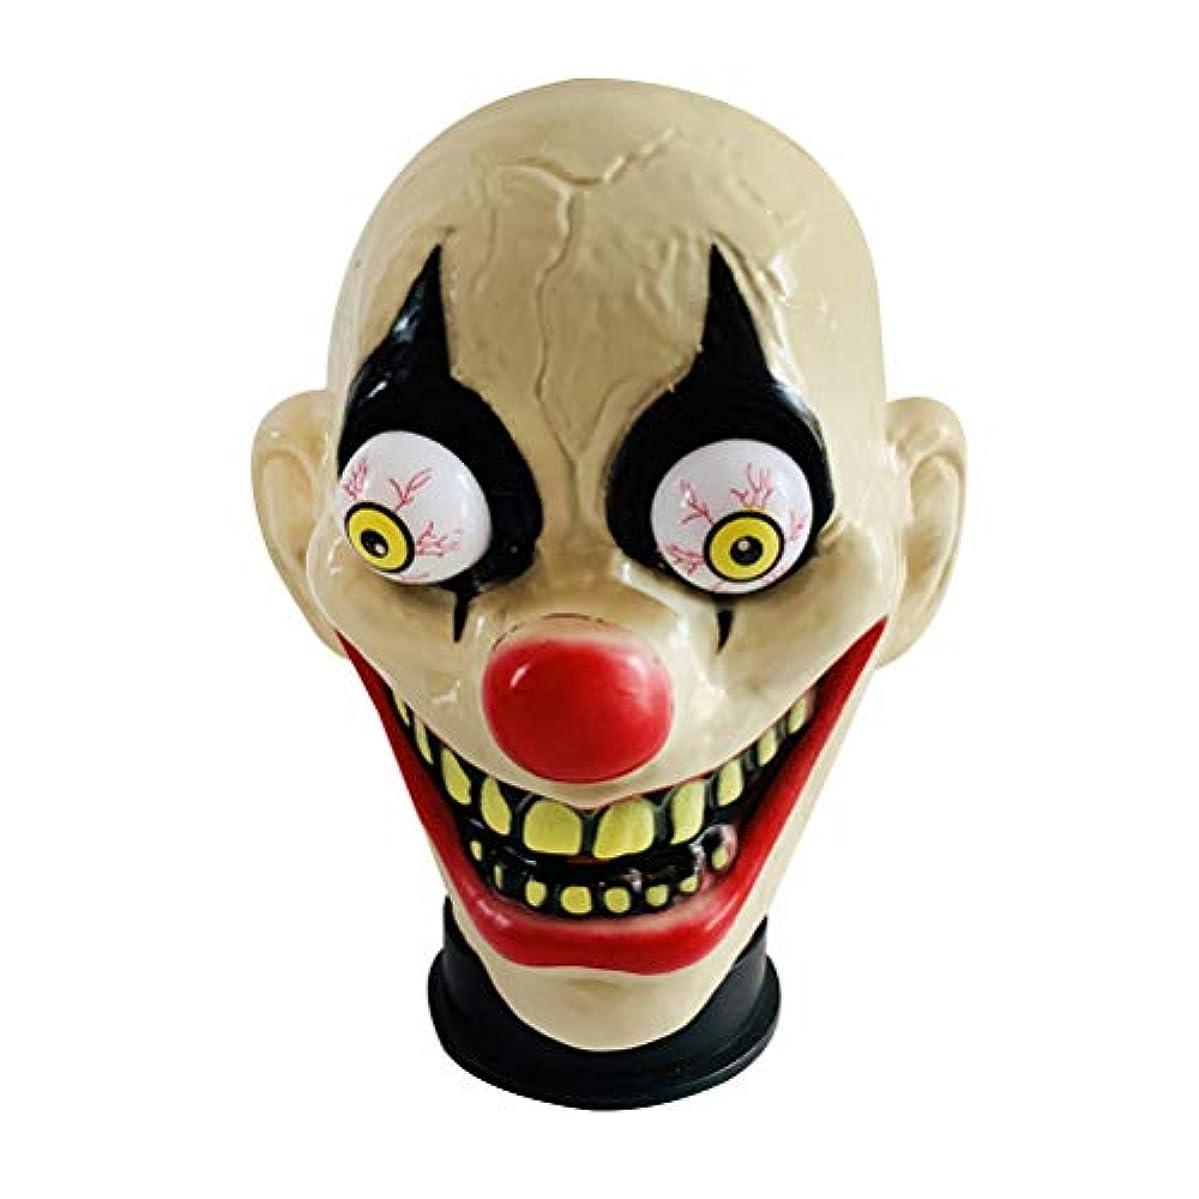 表面旅行代理店抗生物質BESTOYARD ハロウィーン怖いピエロマスクテロホラーピエロヘッドカバーハロウィンコスプレパーティー用男性用マスク(ピエロタイプ)